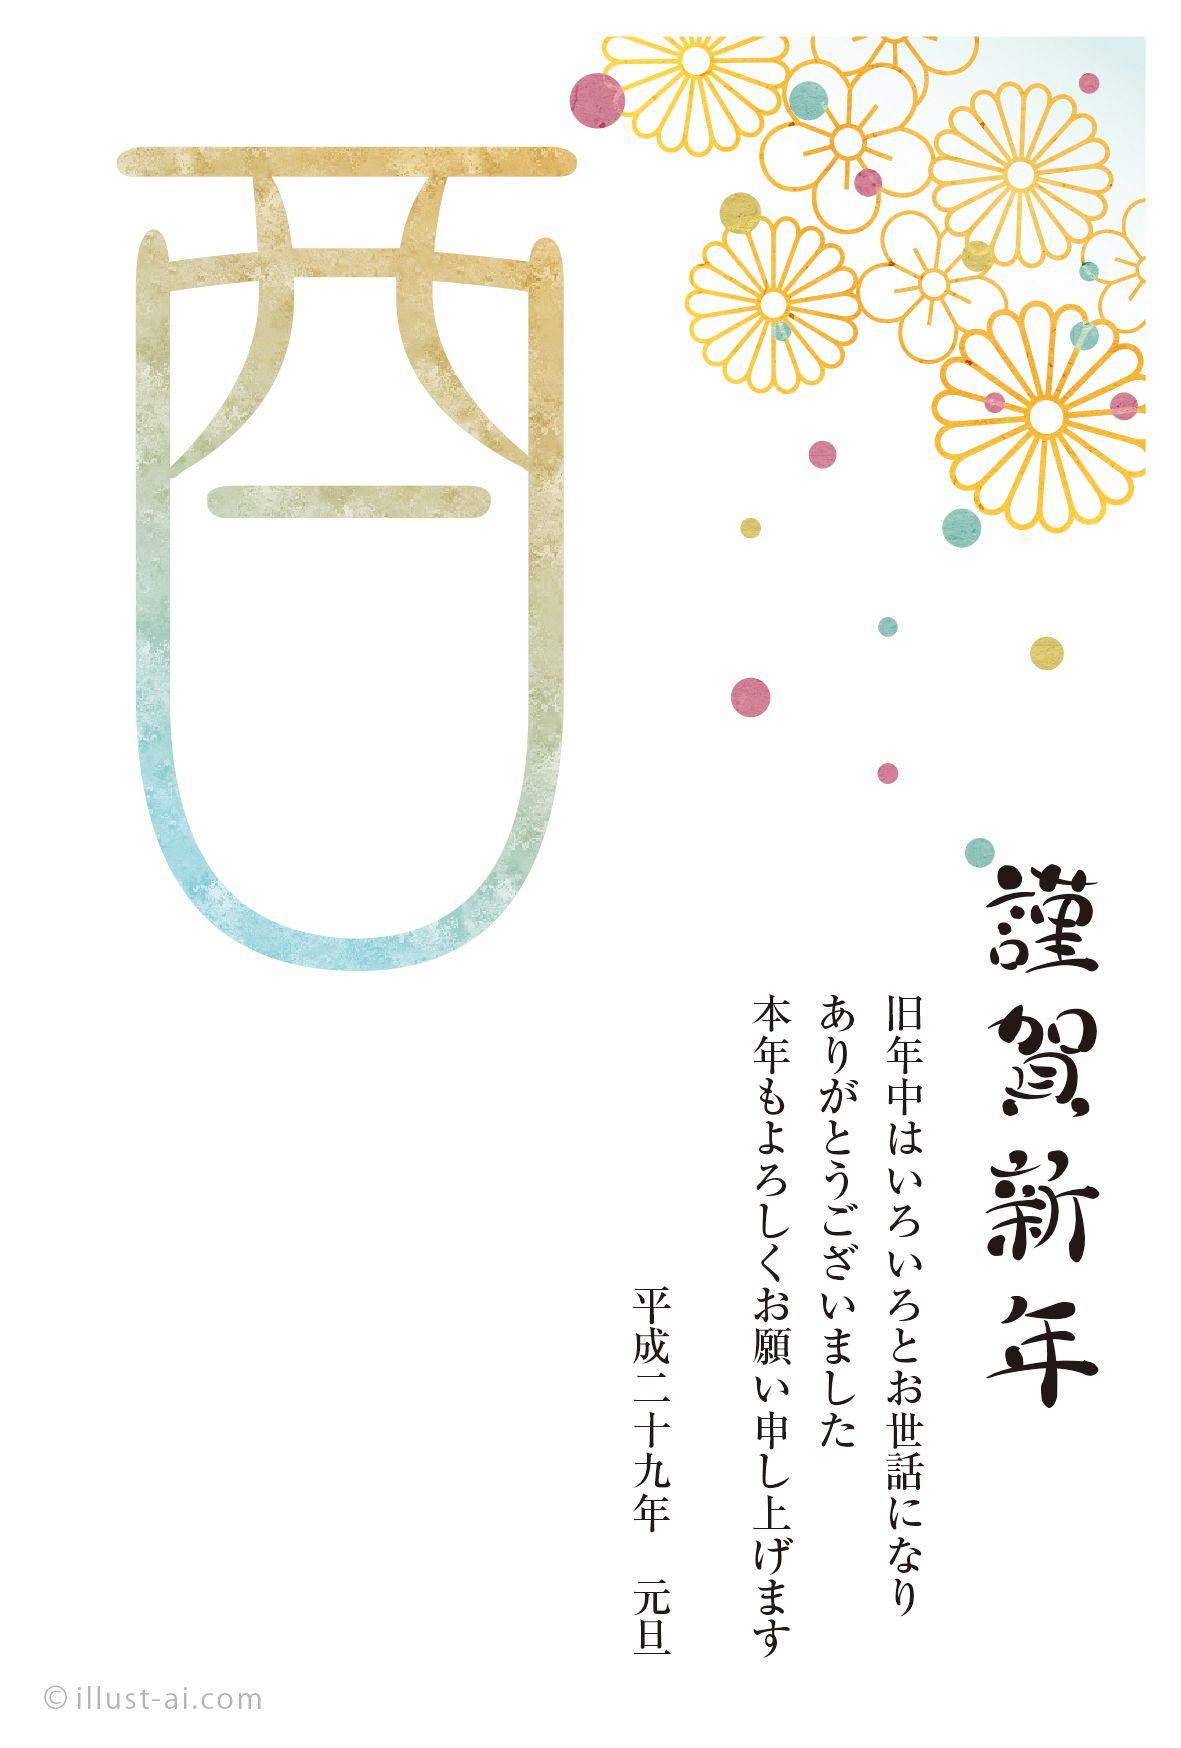 和風な花柄とドットがシンプルで女性らしいデザインの年賀状です